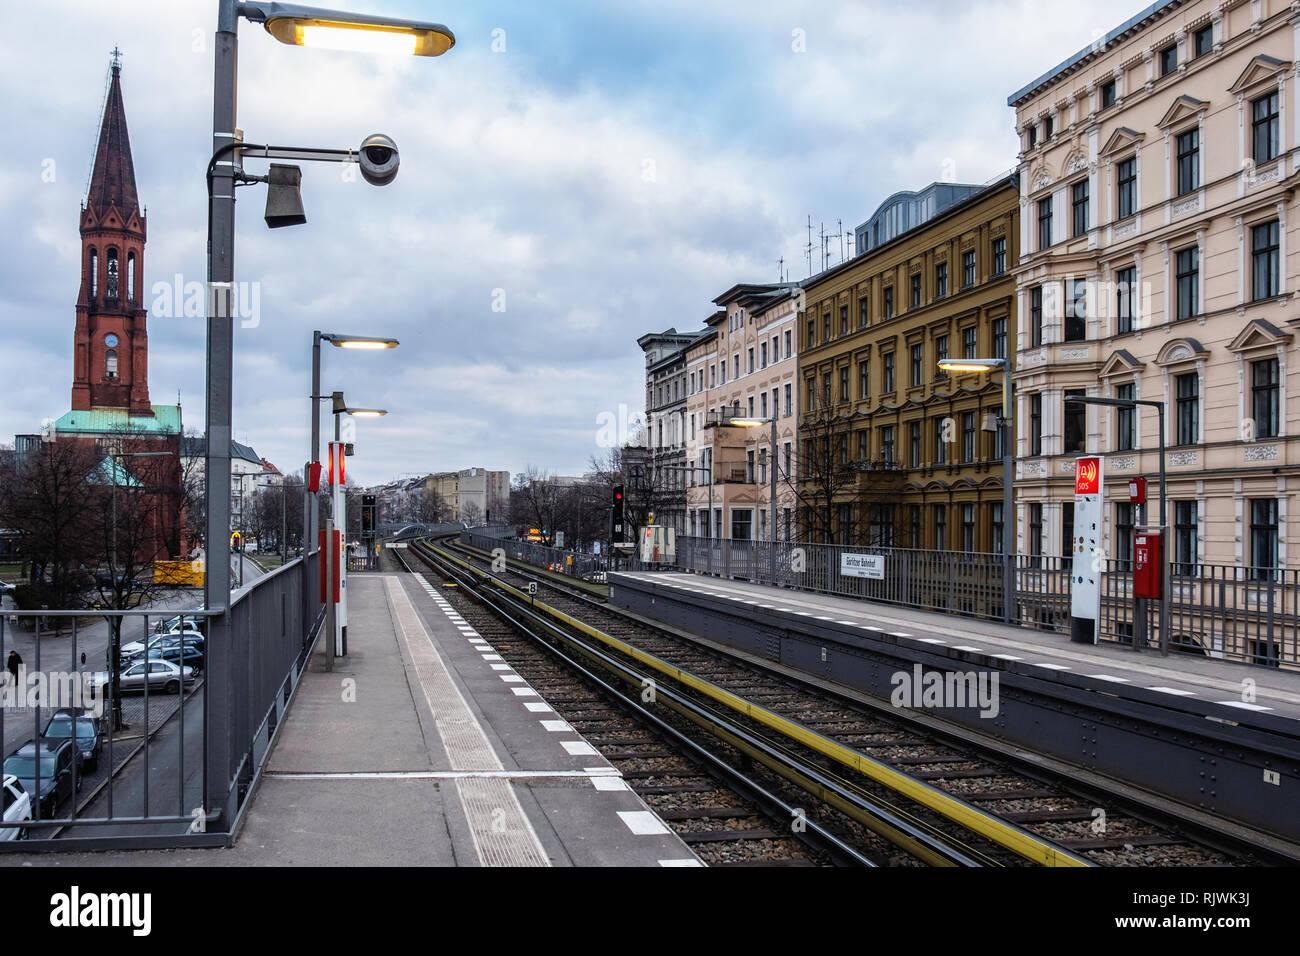 Berlin,Kreuzberg. Gorlitzer U-bahn Railway Station on raised viaduct with platform & rail tracks - Stock Image